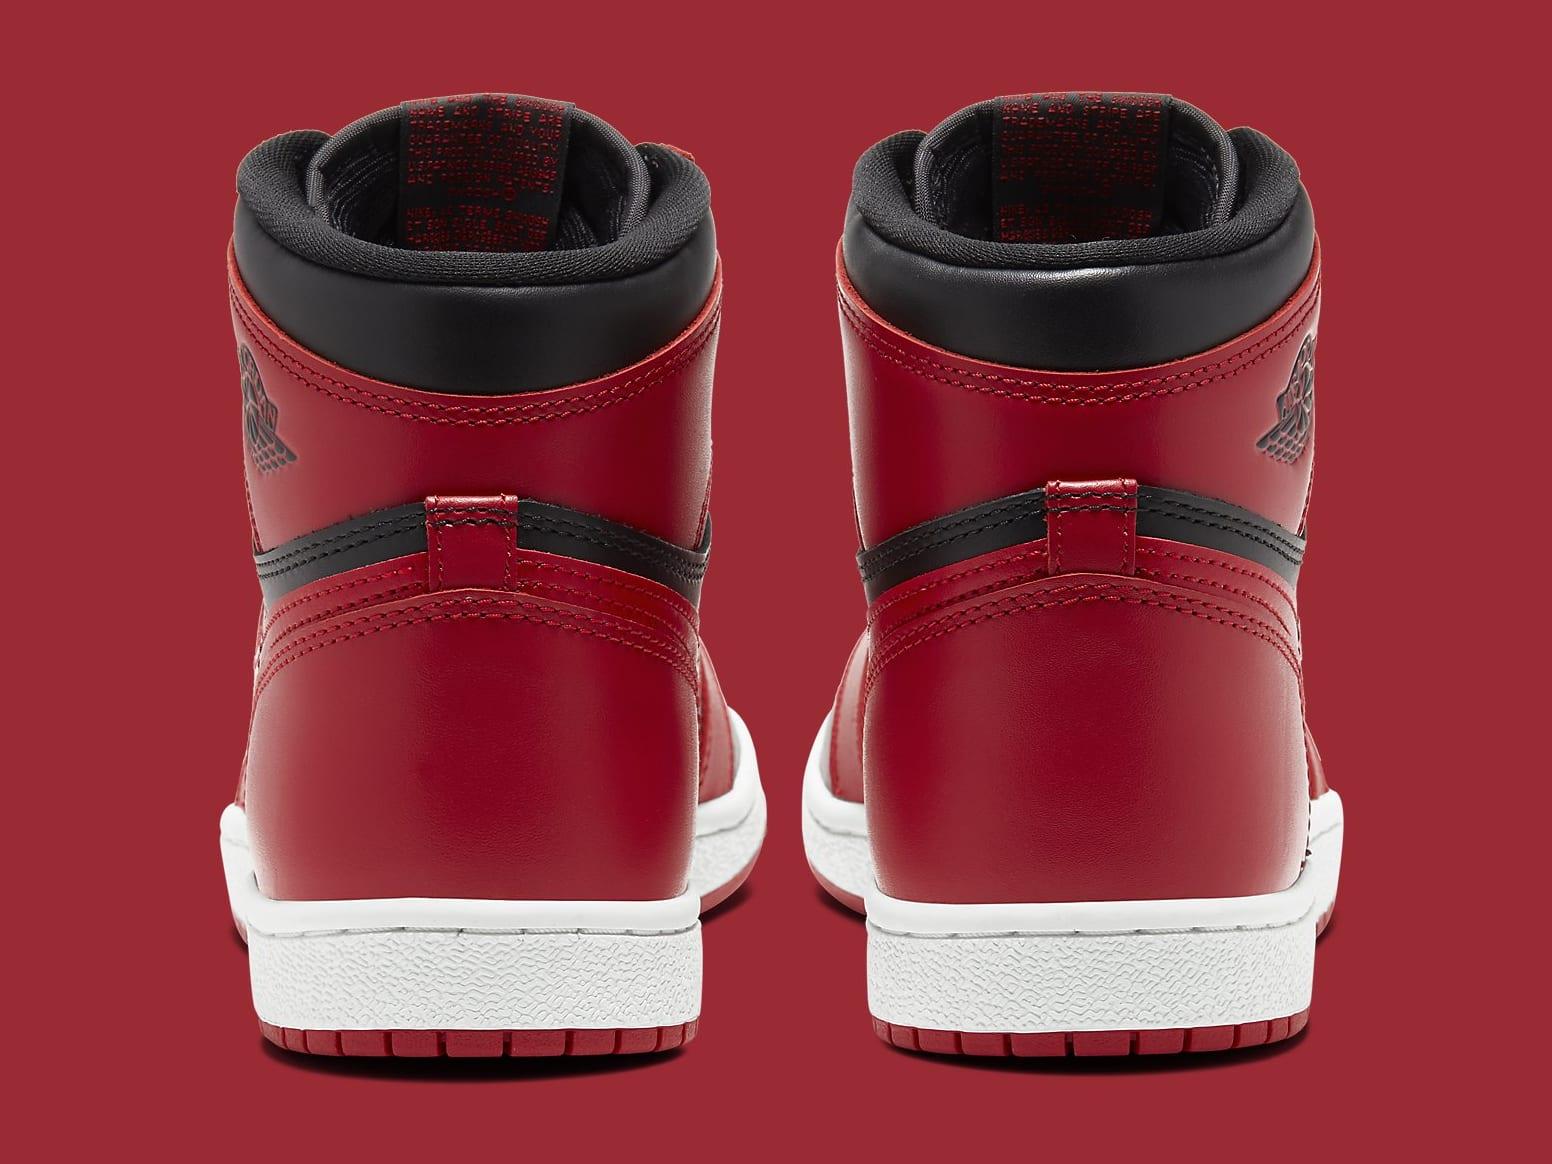 Air Jordan 1 High New Beginnings Varsity Red Release Date BQ4422-600 Heel